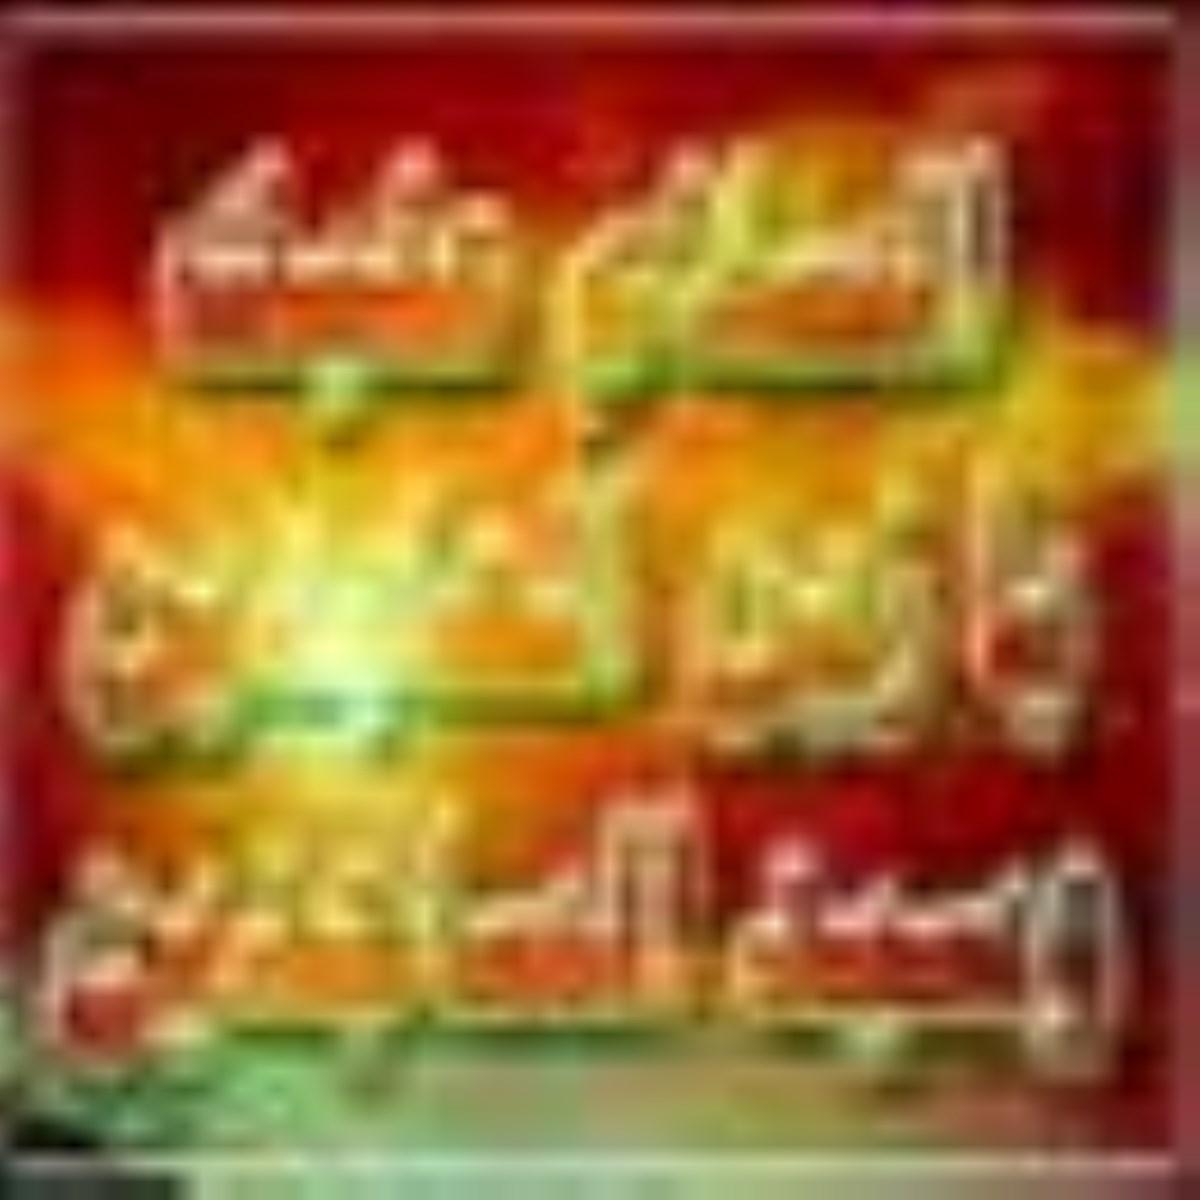 سيره حضرت امام زين العابدين عليه السلام